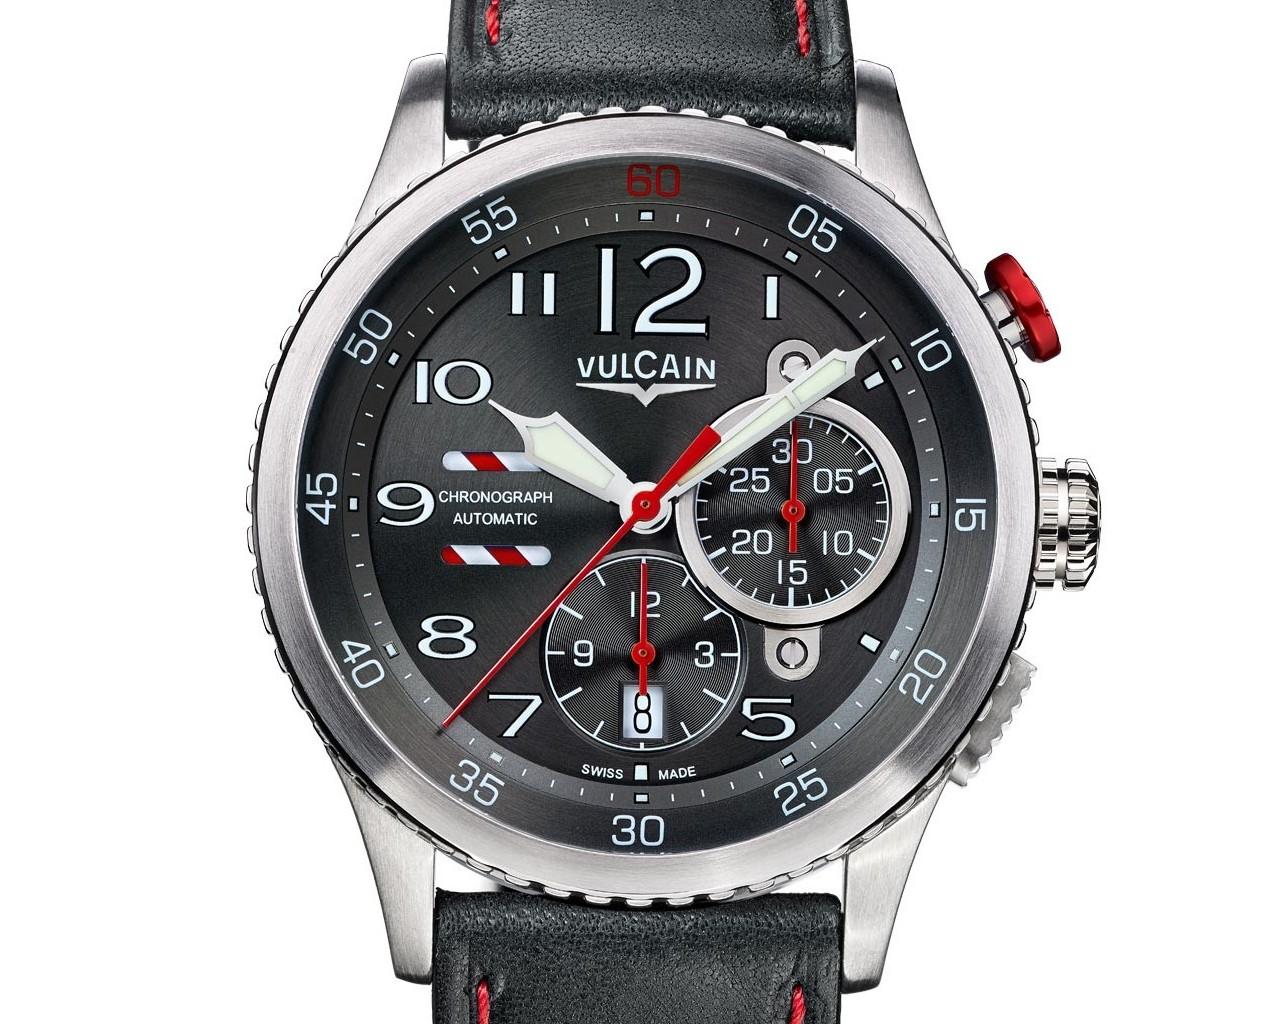 vulcain-aviator-instrument-chronograph-prezzo-price_0-1006